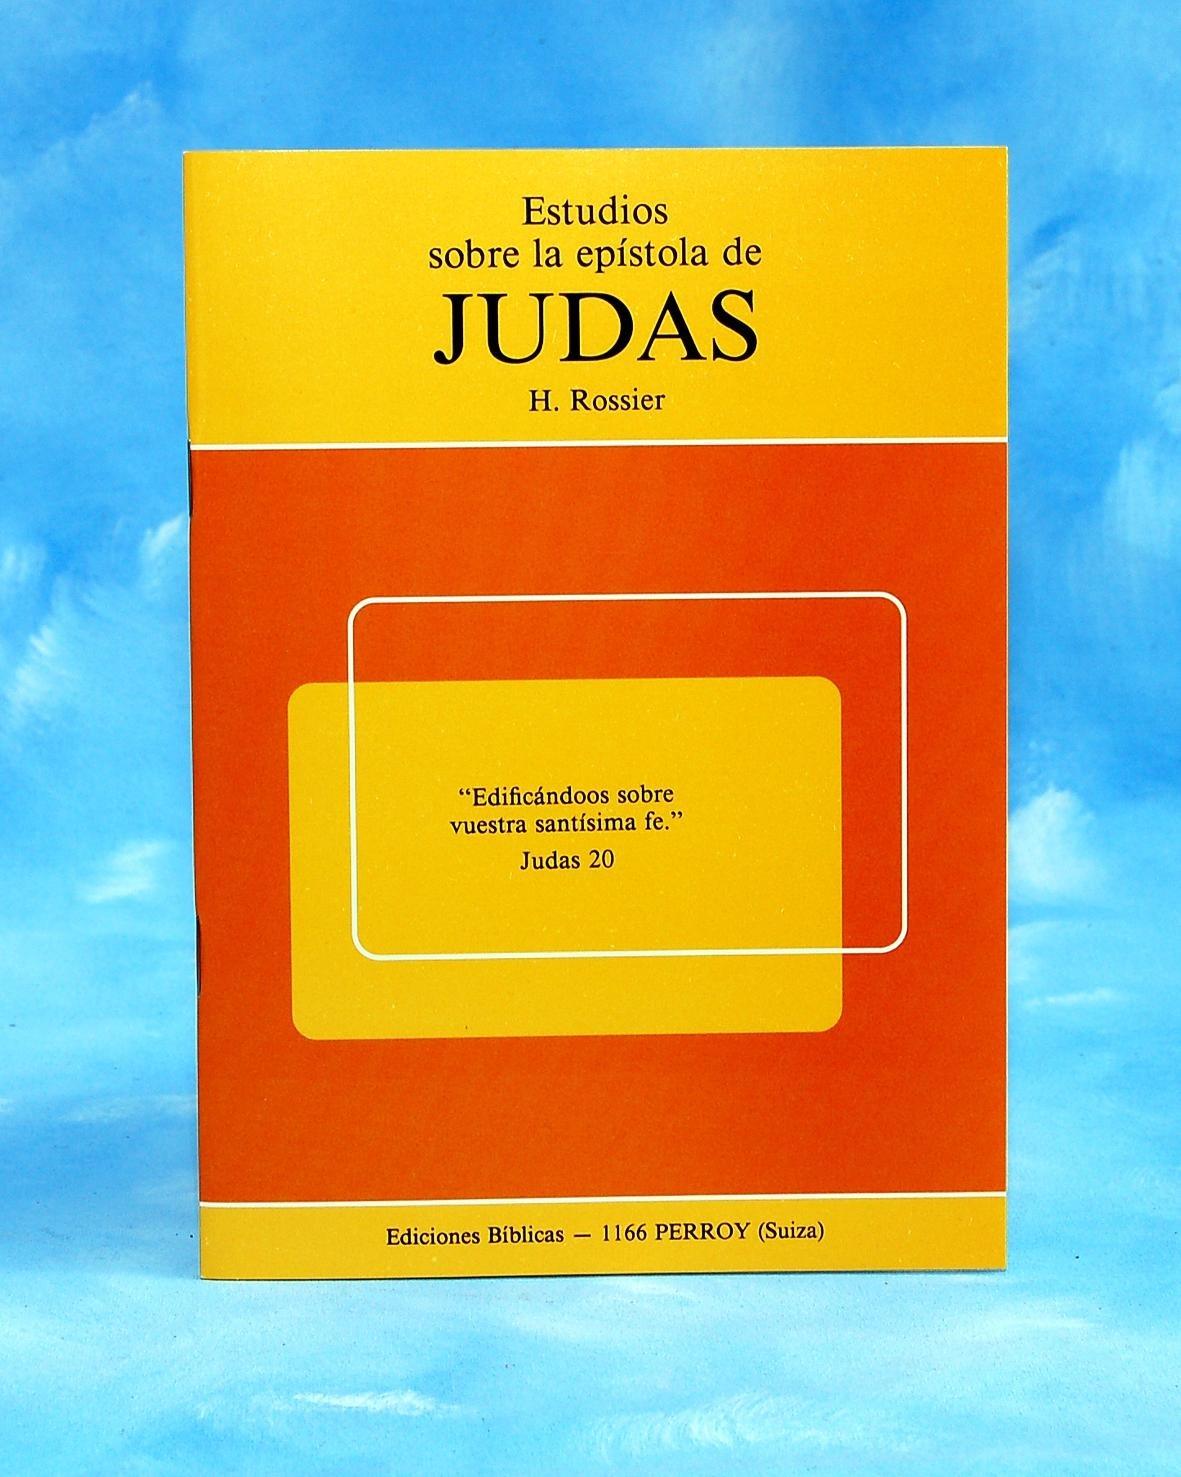 Estudio sobre Judas